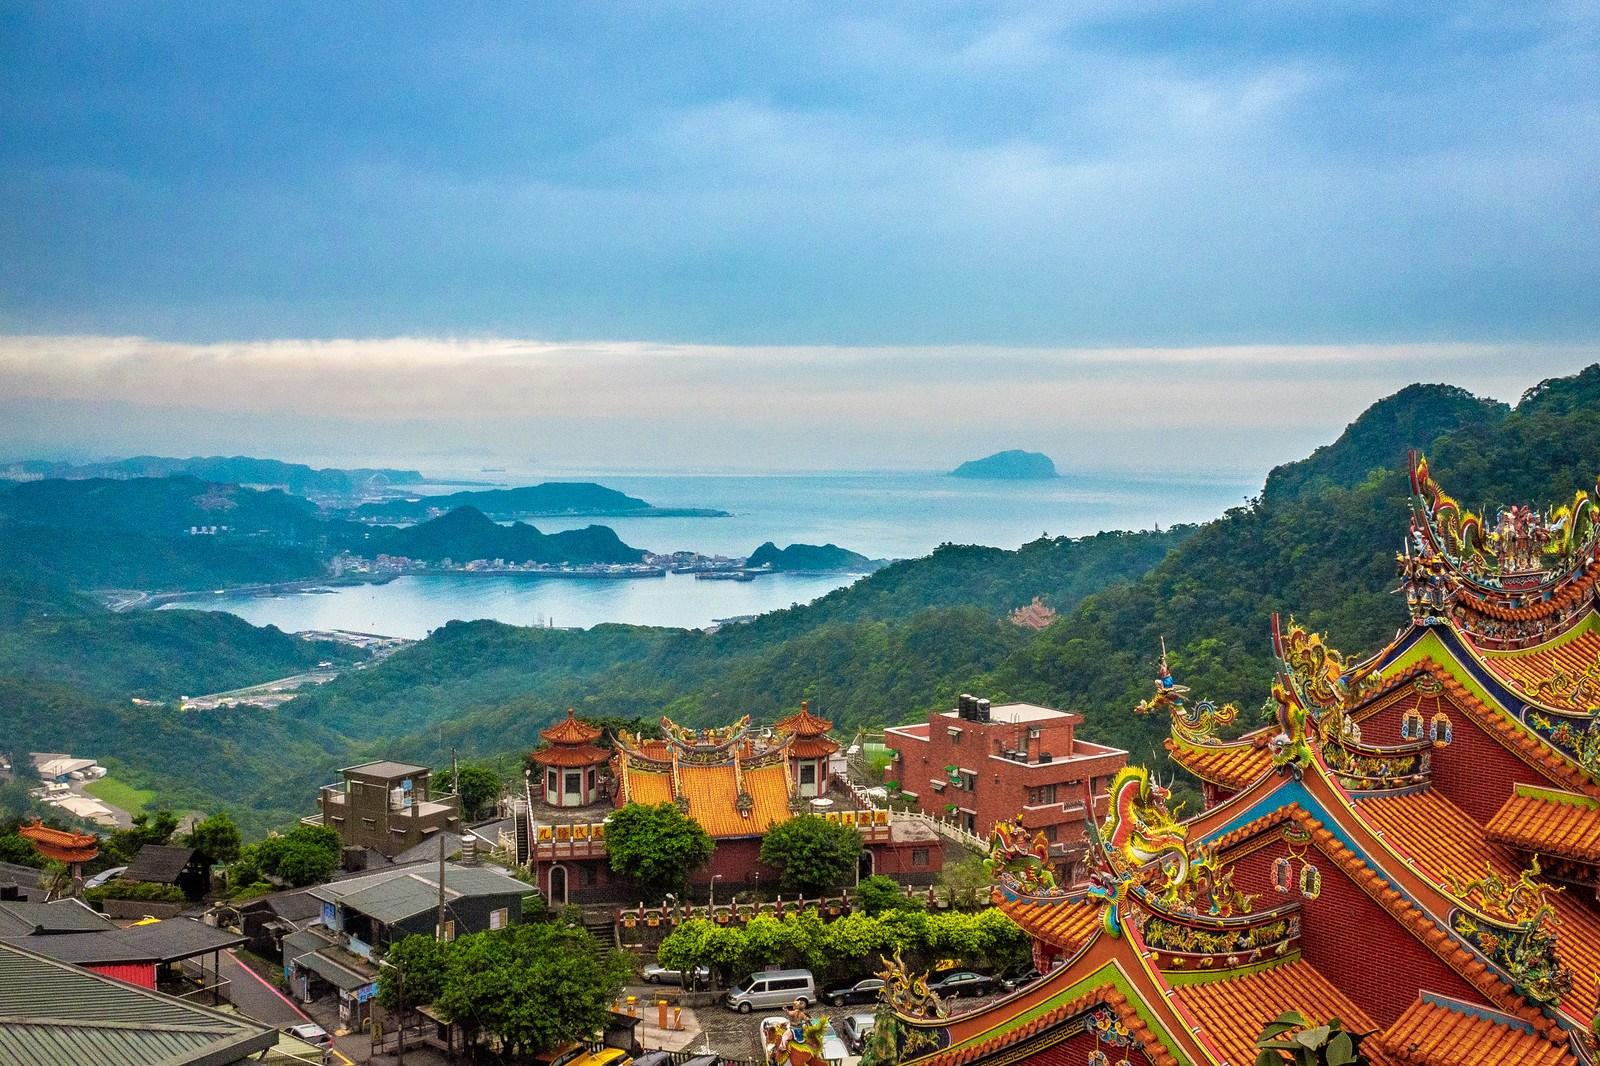 Vistas de la costa norte, uno de los principales puntos de interés del turismo en Taiwán